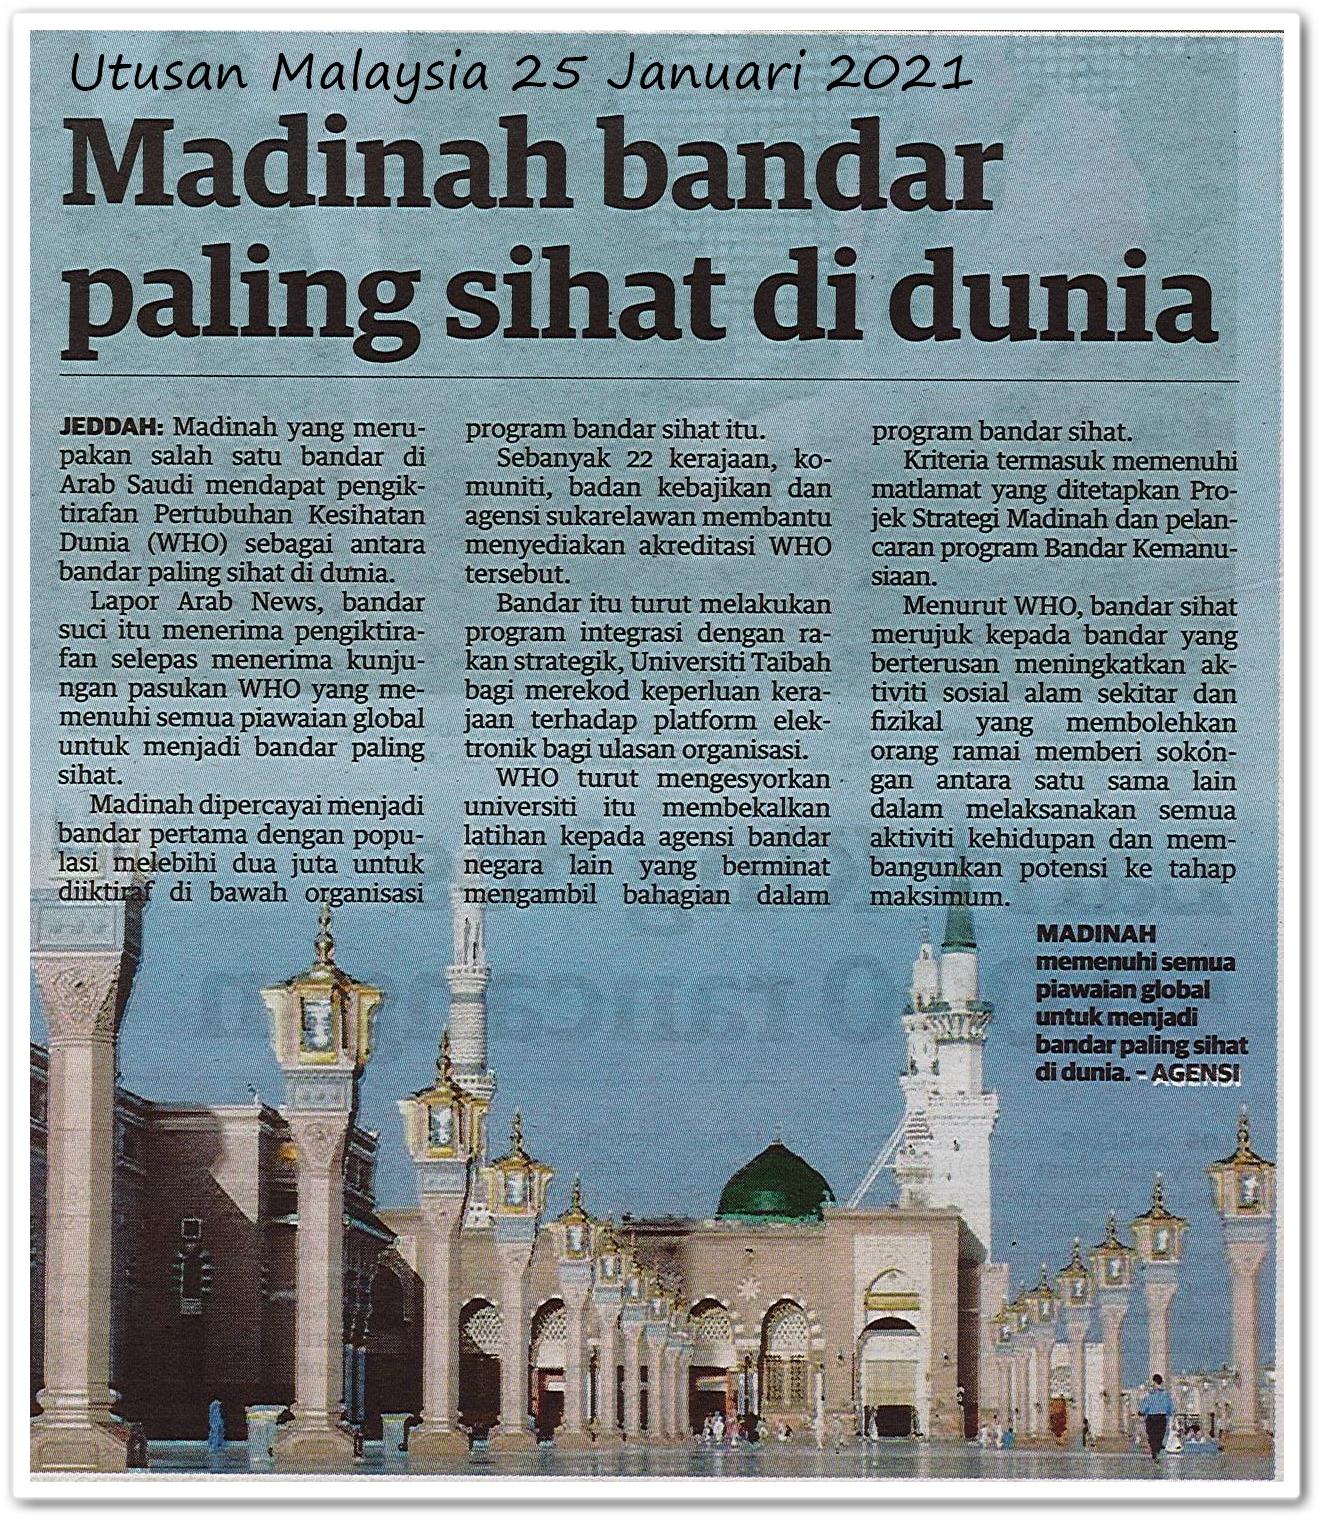 Madinah bandar paling sihat di dunia - Keratan akhbar Utusan Malaysia 25 Januari 2021